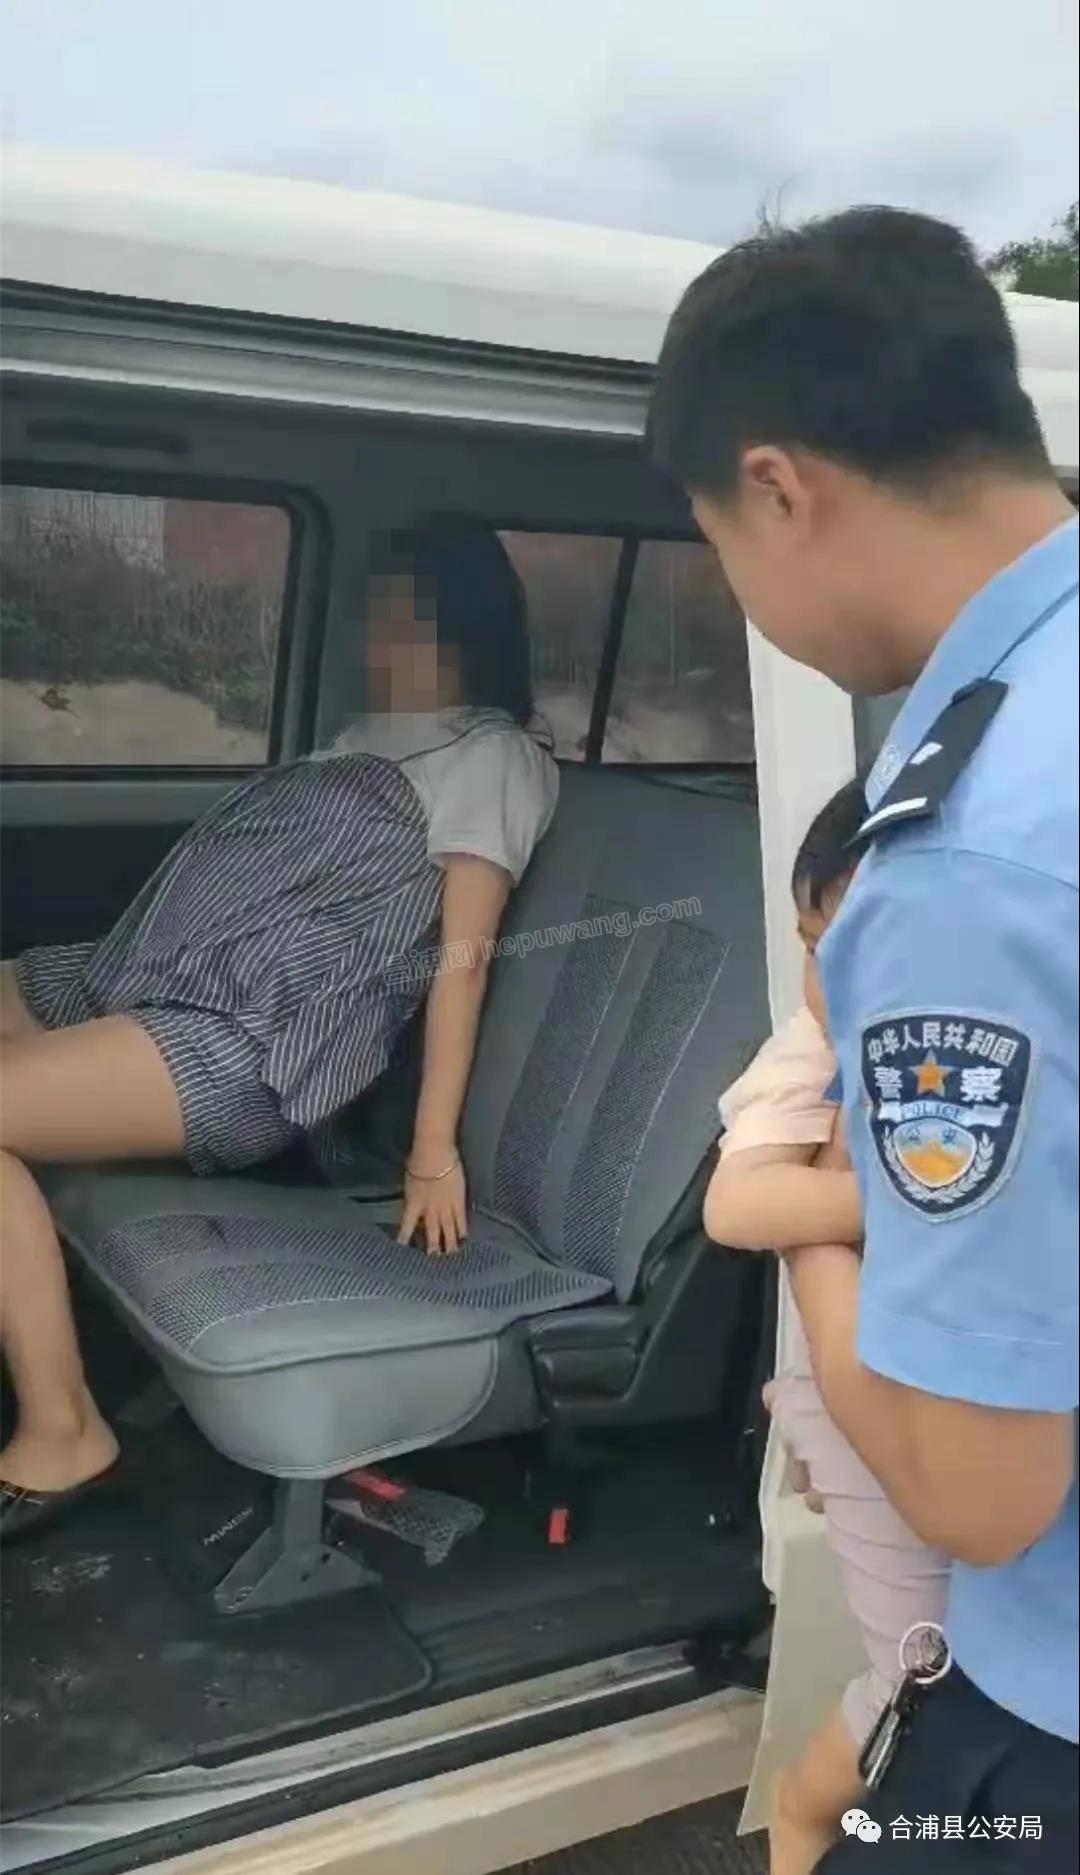 事发十字路:一孕妇突然羊水破裂,民警紧急护送就医...